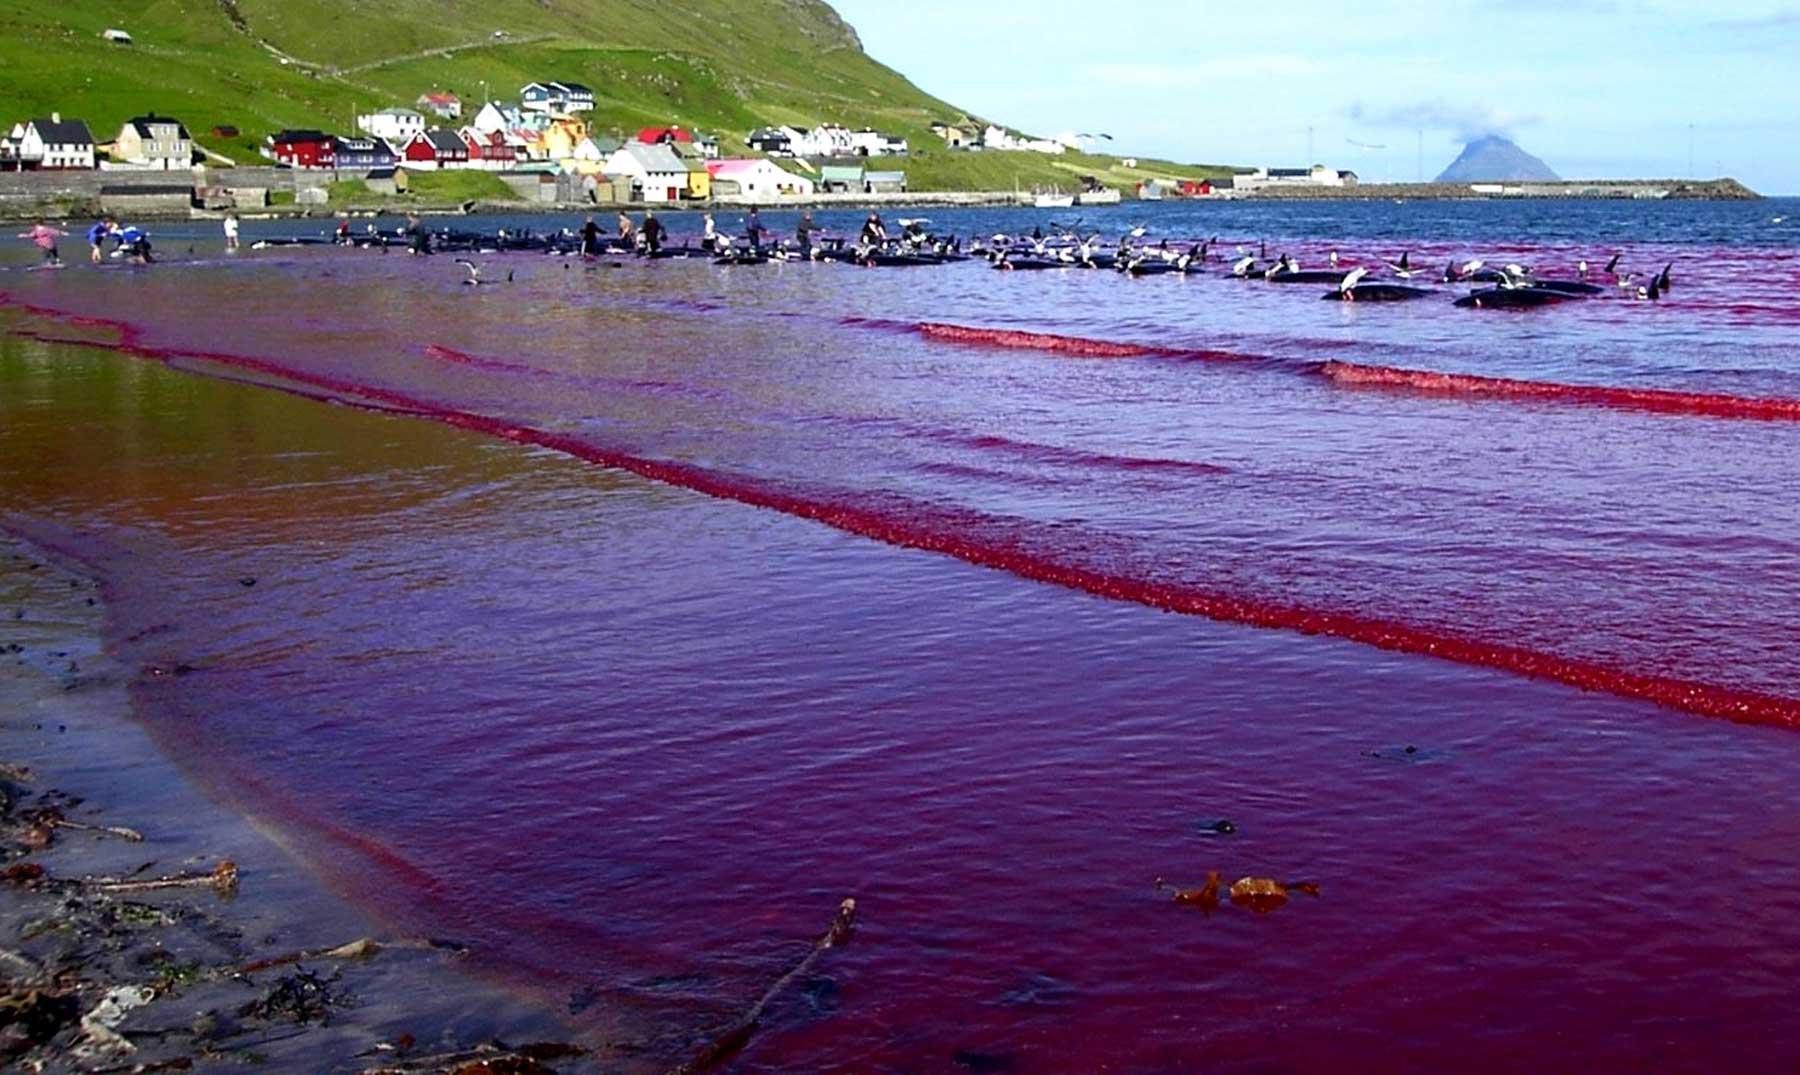 La sangrienta tradición de las Islas Feroe, una brutalidad contra los cetáceos